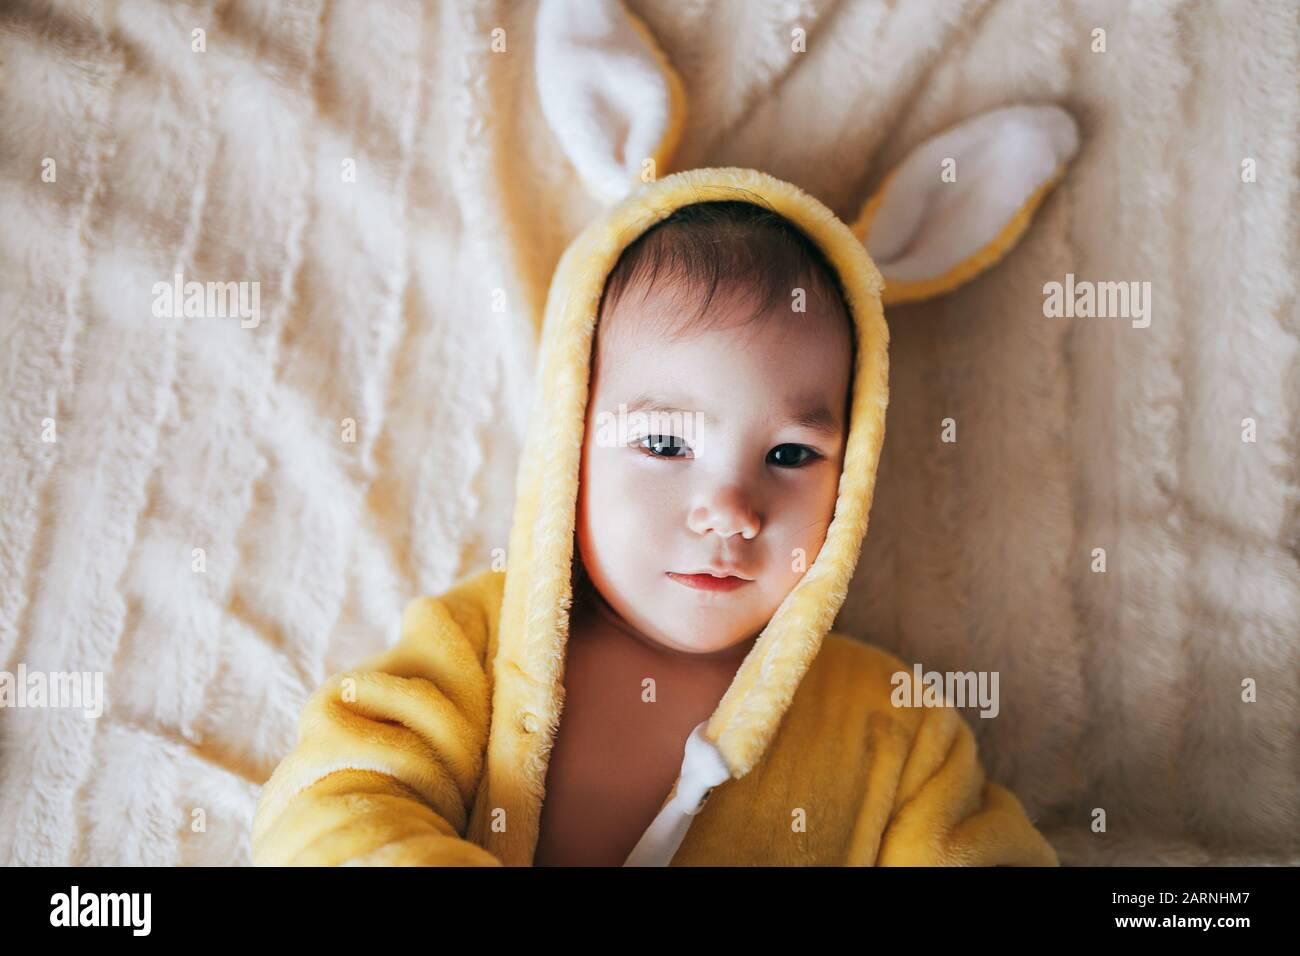 Un petit enfant avec un costume de lapin. Couché sur mauvais Banque D'Images